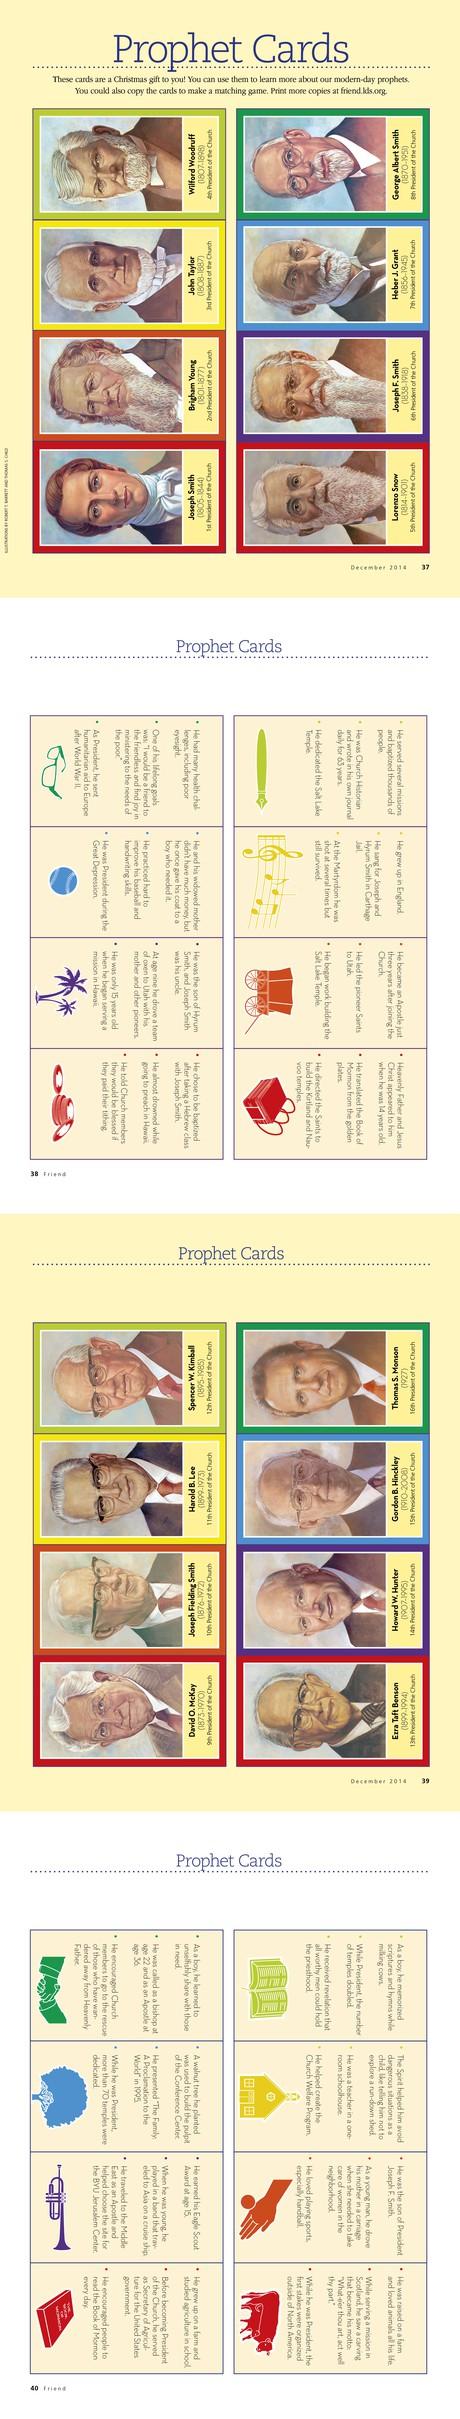 Prophet Cards